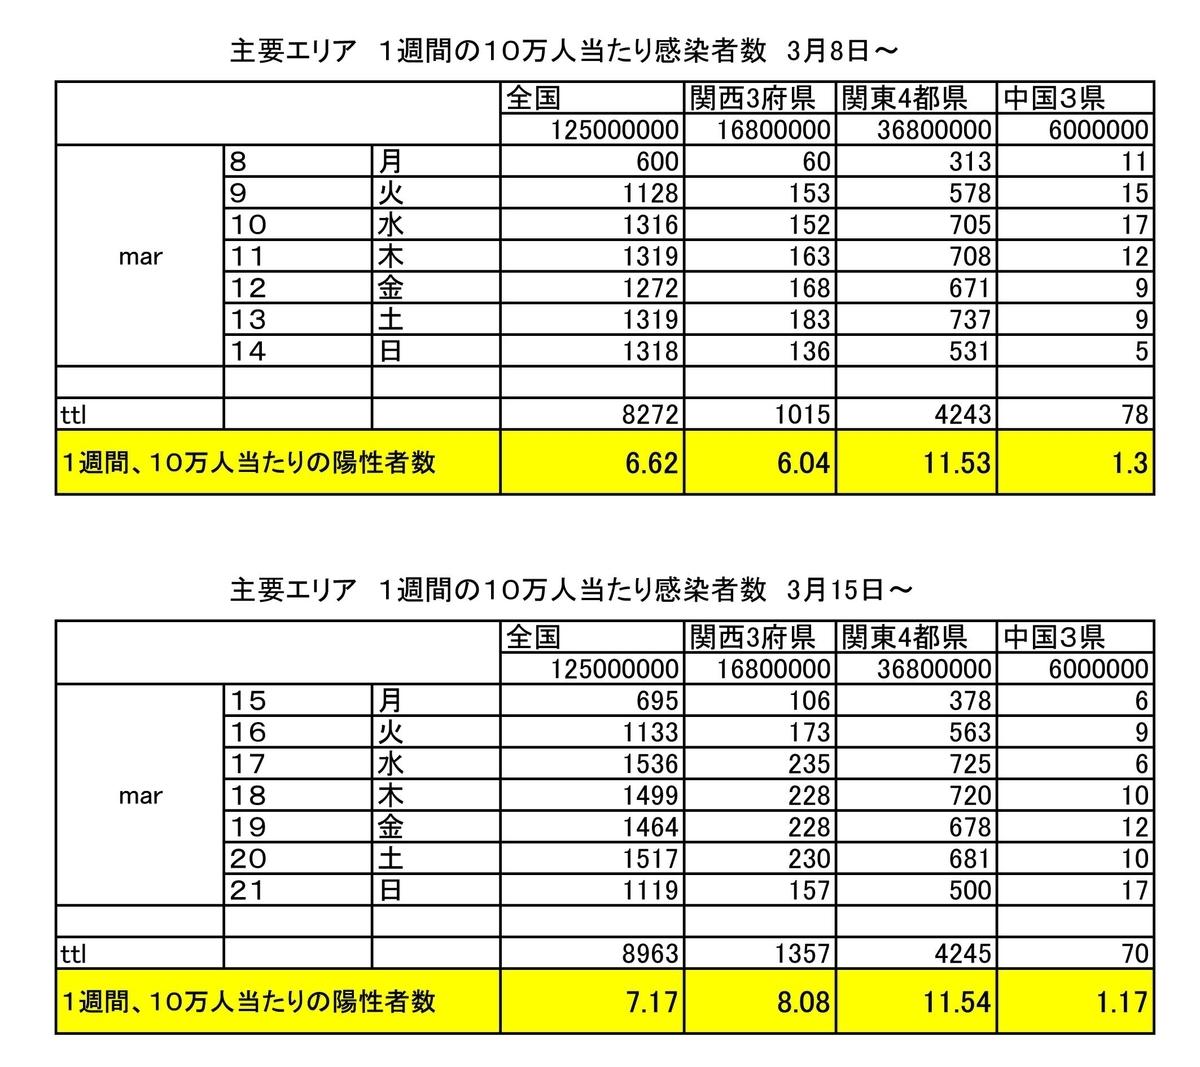 f:id:zhongjpn:20210322185139j:plain